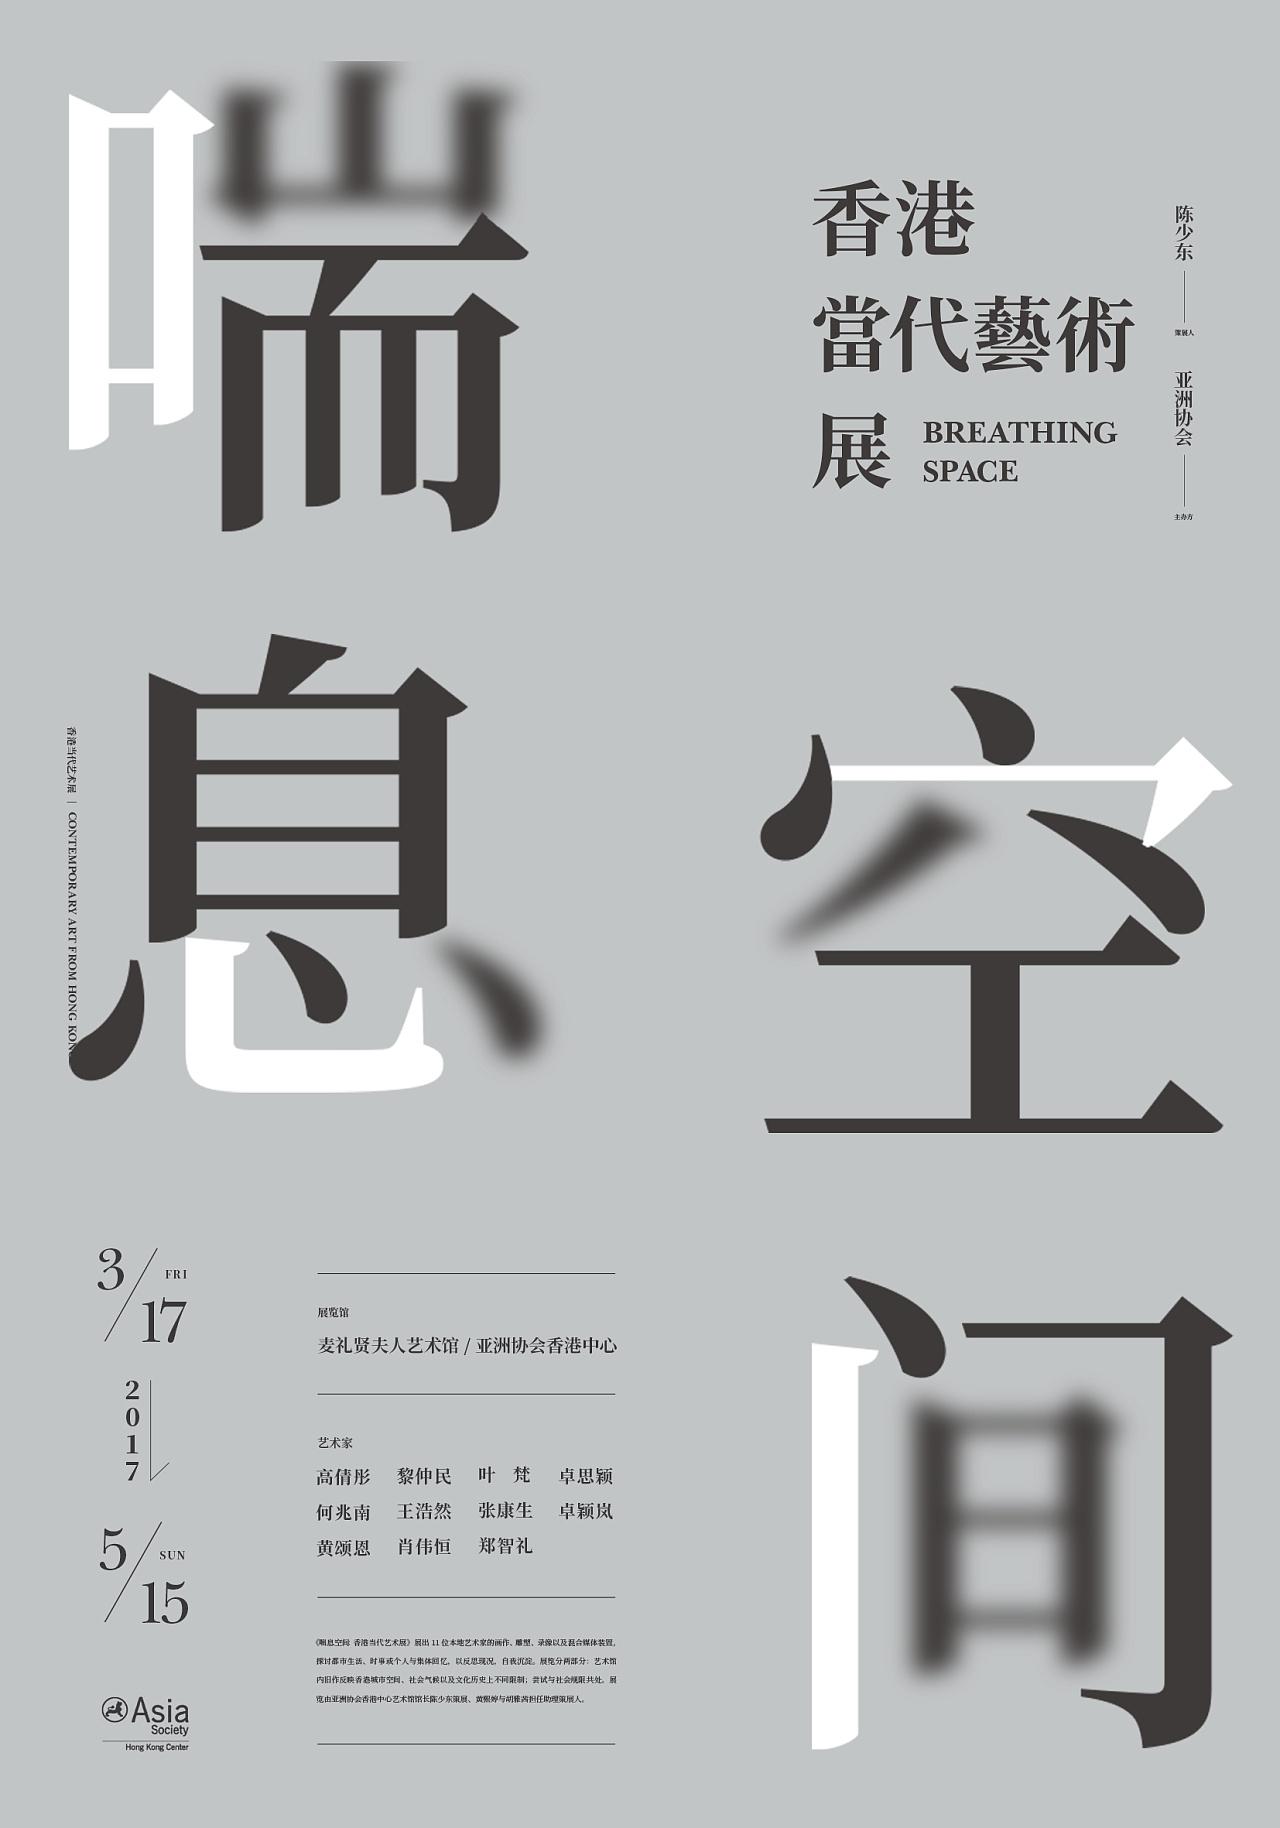 zwz / 黑白灰创意海报设计